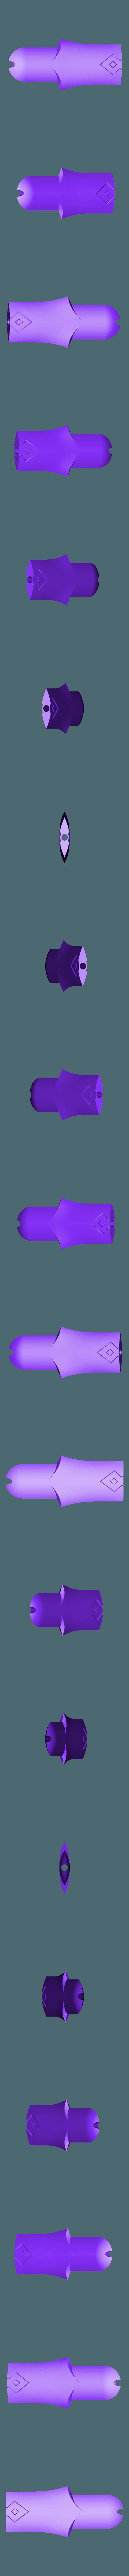 sword - lame_fort.stl Télécharger fichier STL gratuit Link Goddess Sword (without painting) • Design pour imprimante 3D, lipki